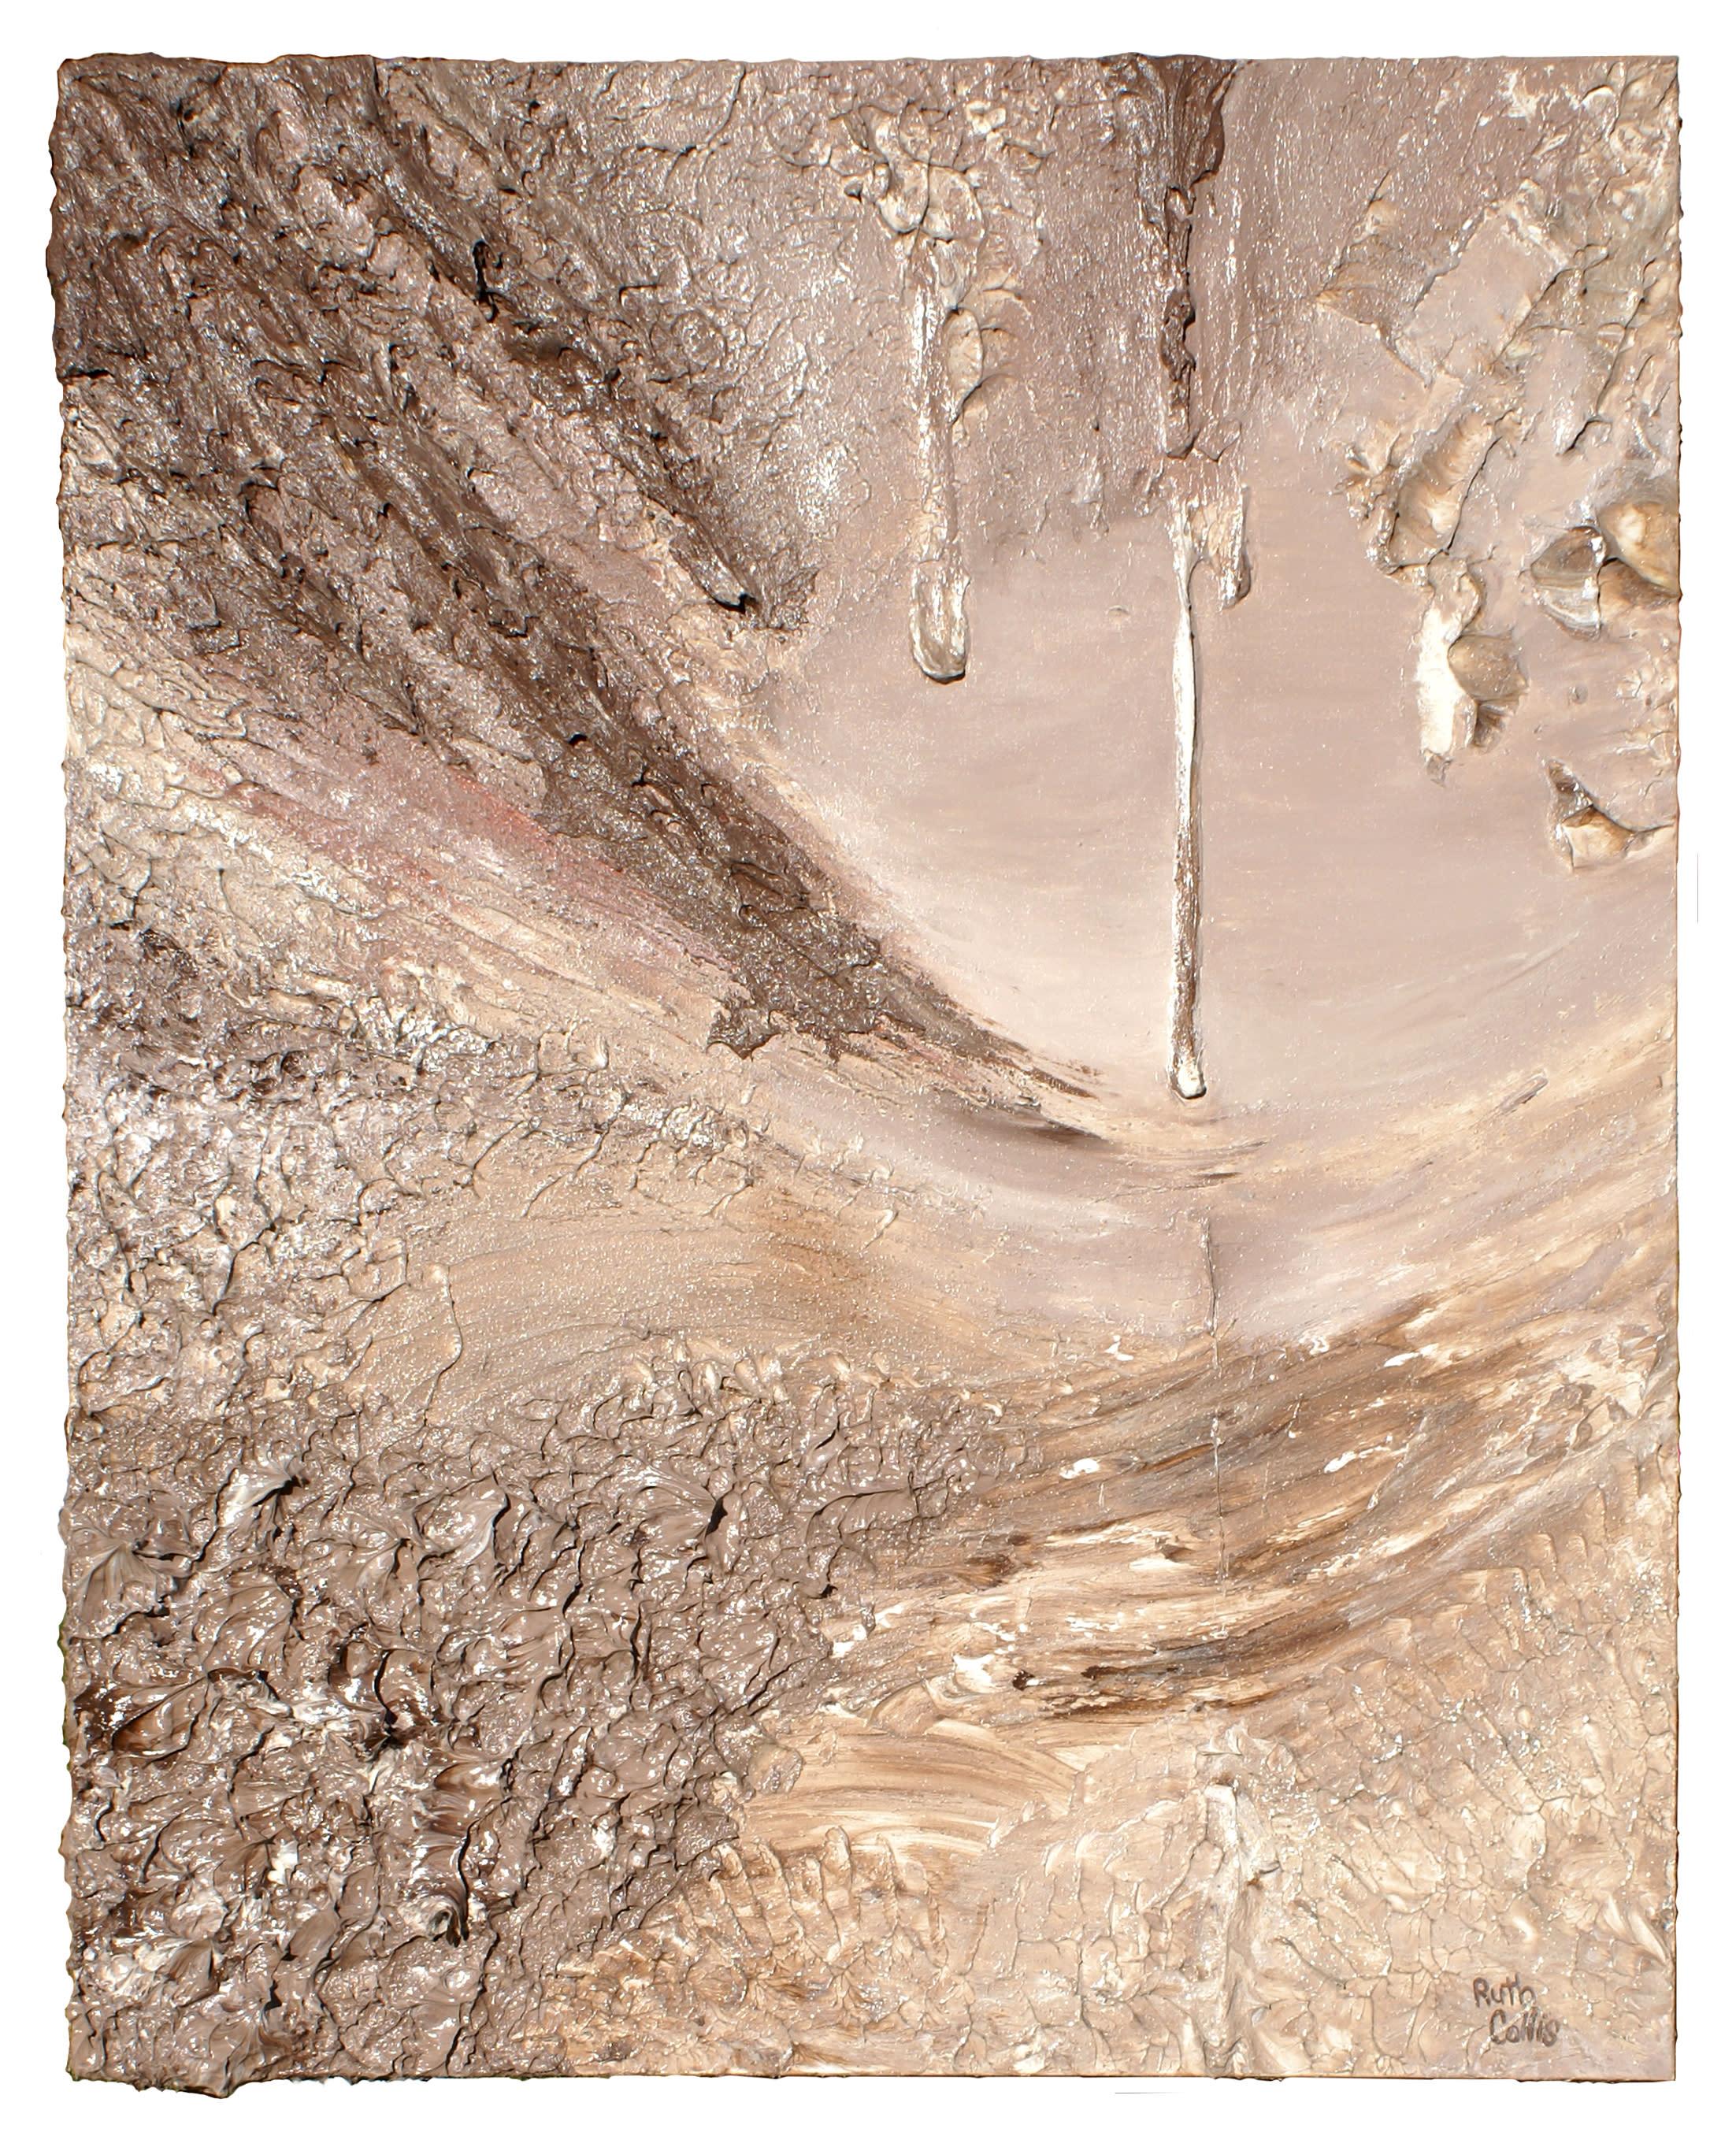 Marble fudge cave painting vbrkji